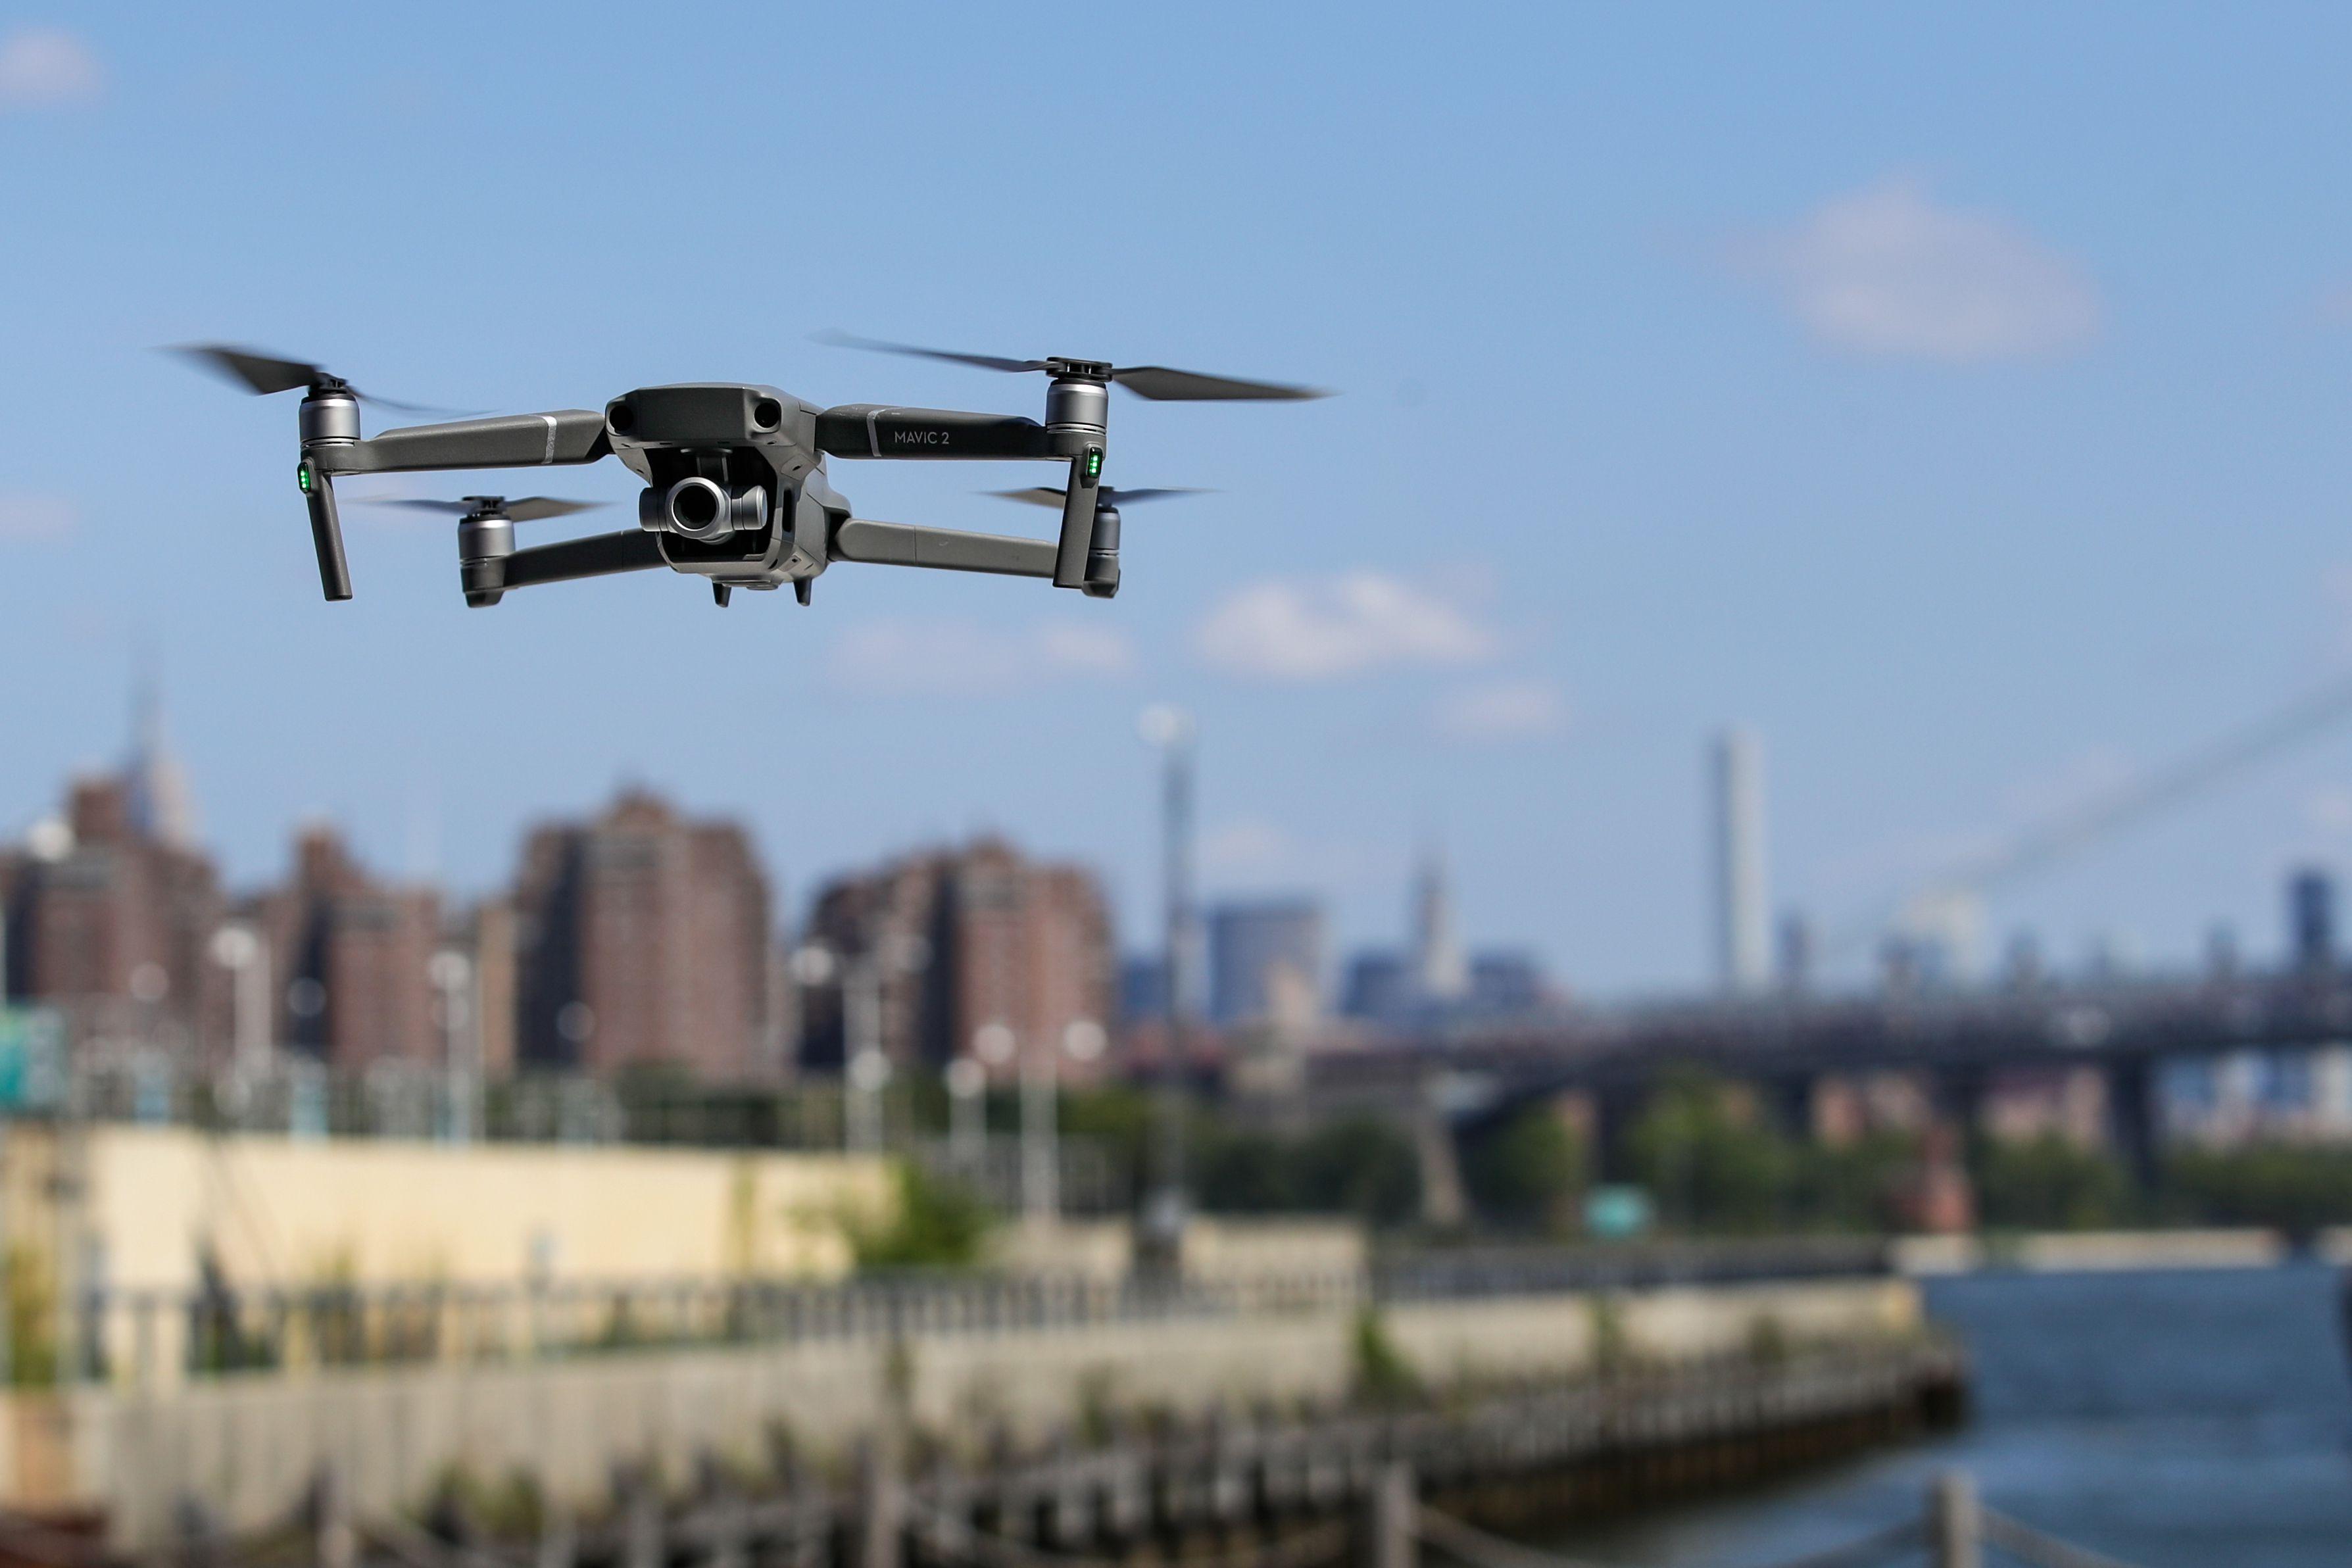 Man shoot down drone Long Island NY